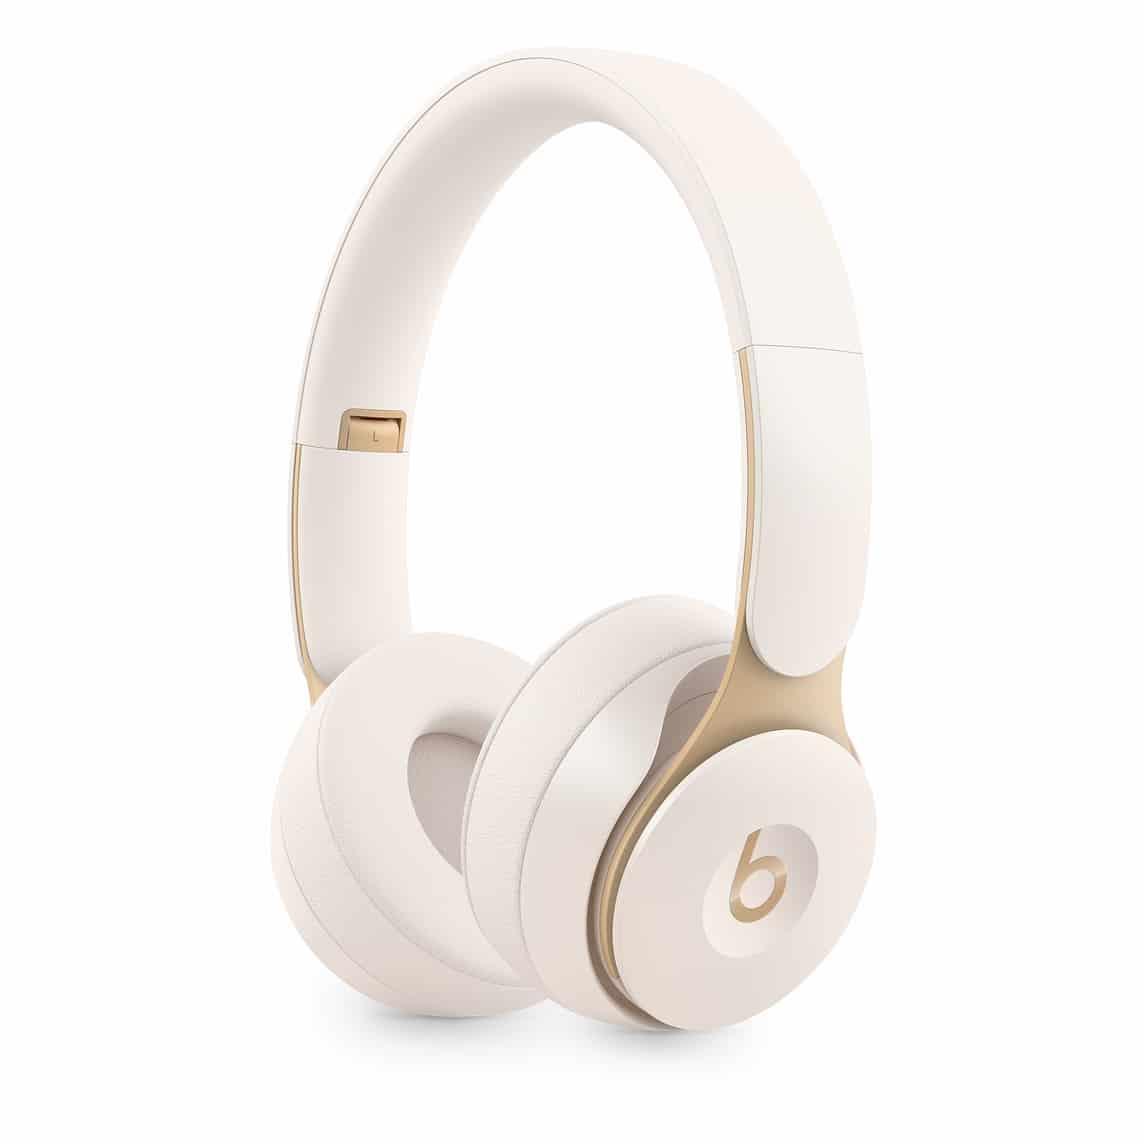 אוזניות בלוטוס BEATS SOLO PRO לבן